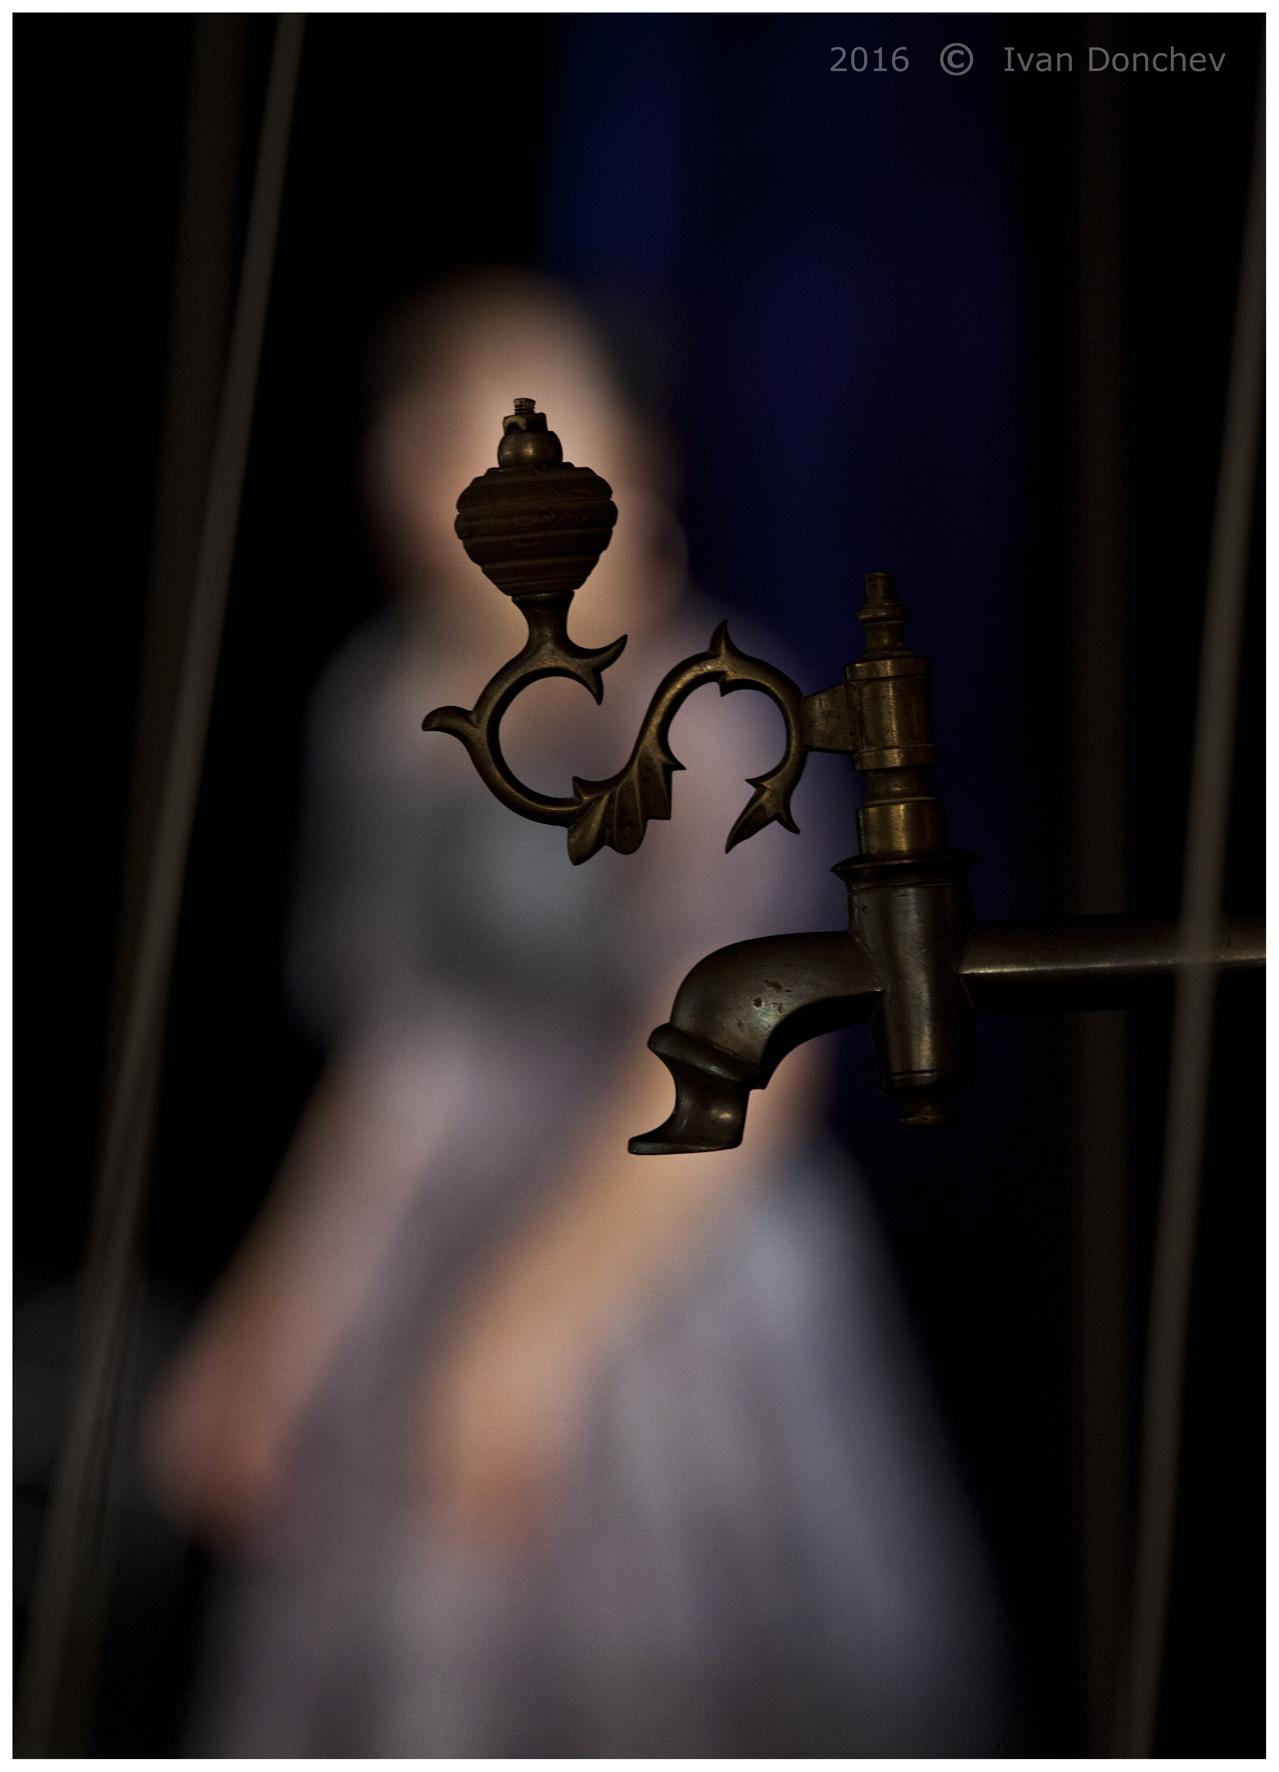 Queen of spades _080